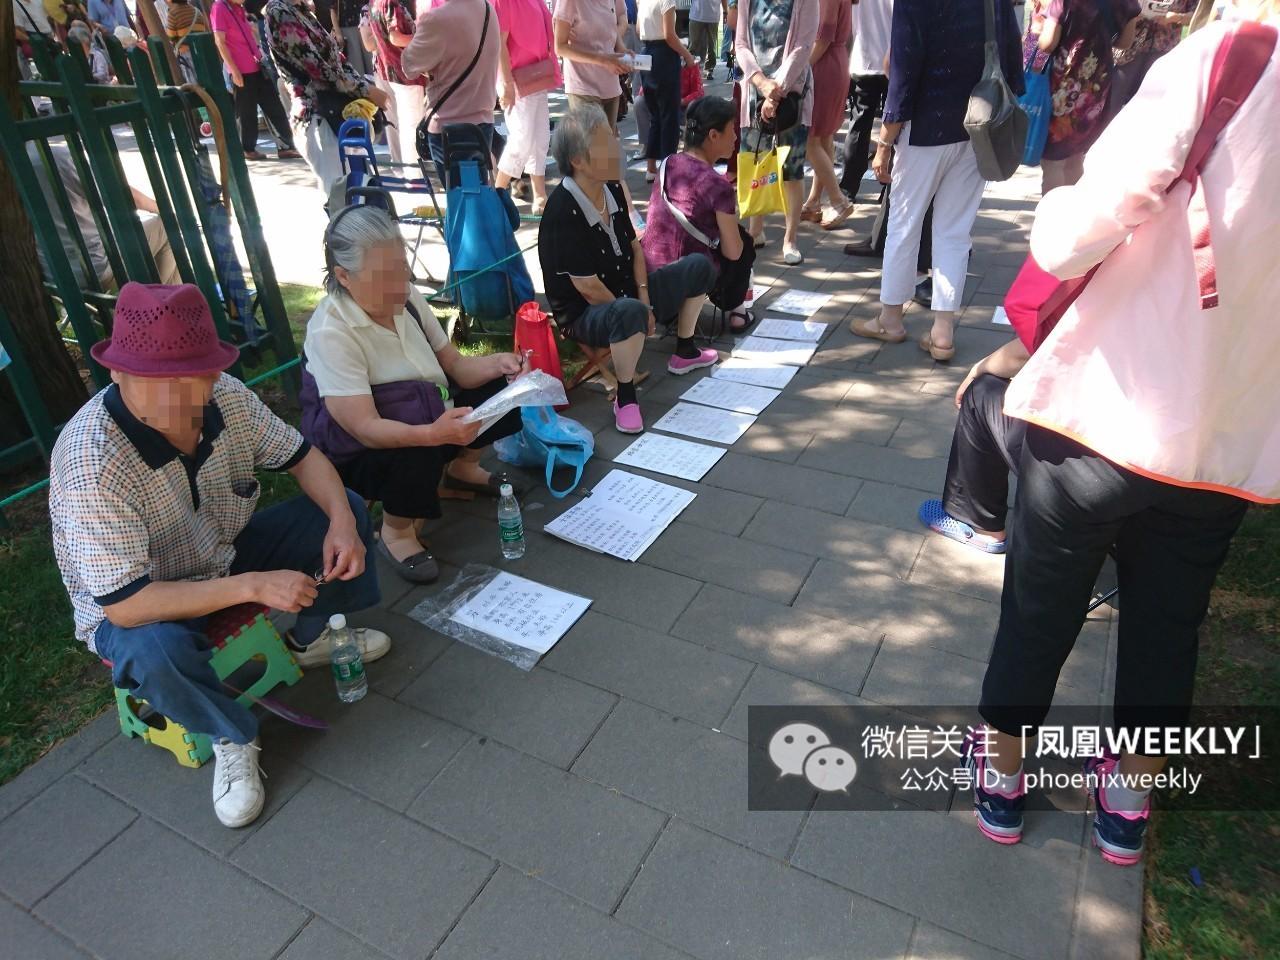 中国式相亲:我儿子才33,不考虑没北京户口的姑娘